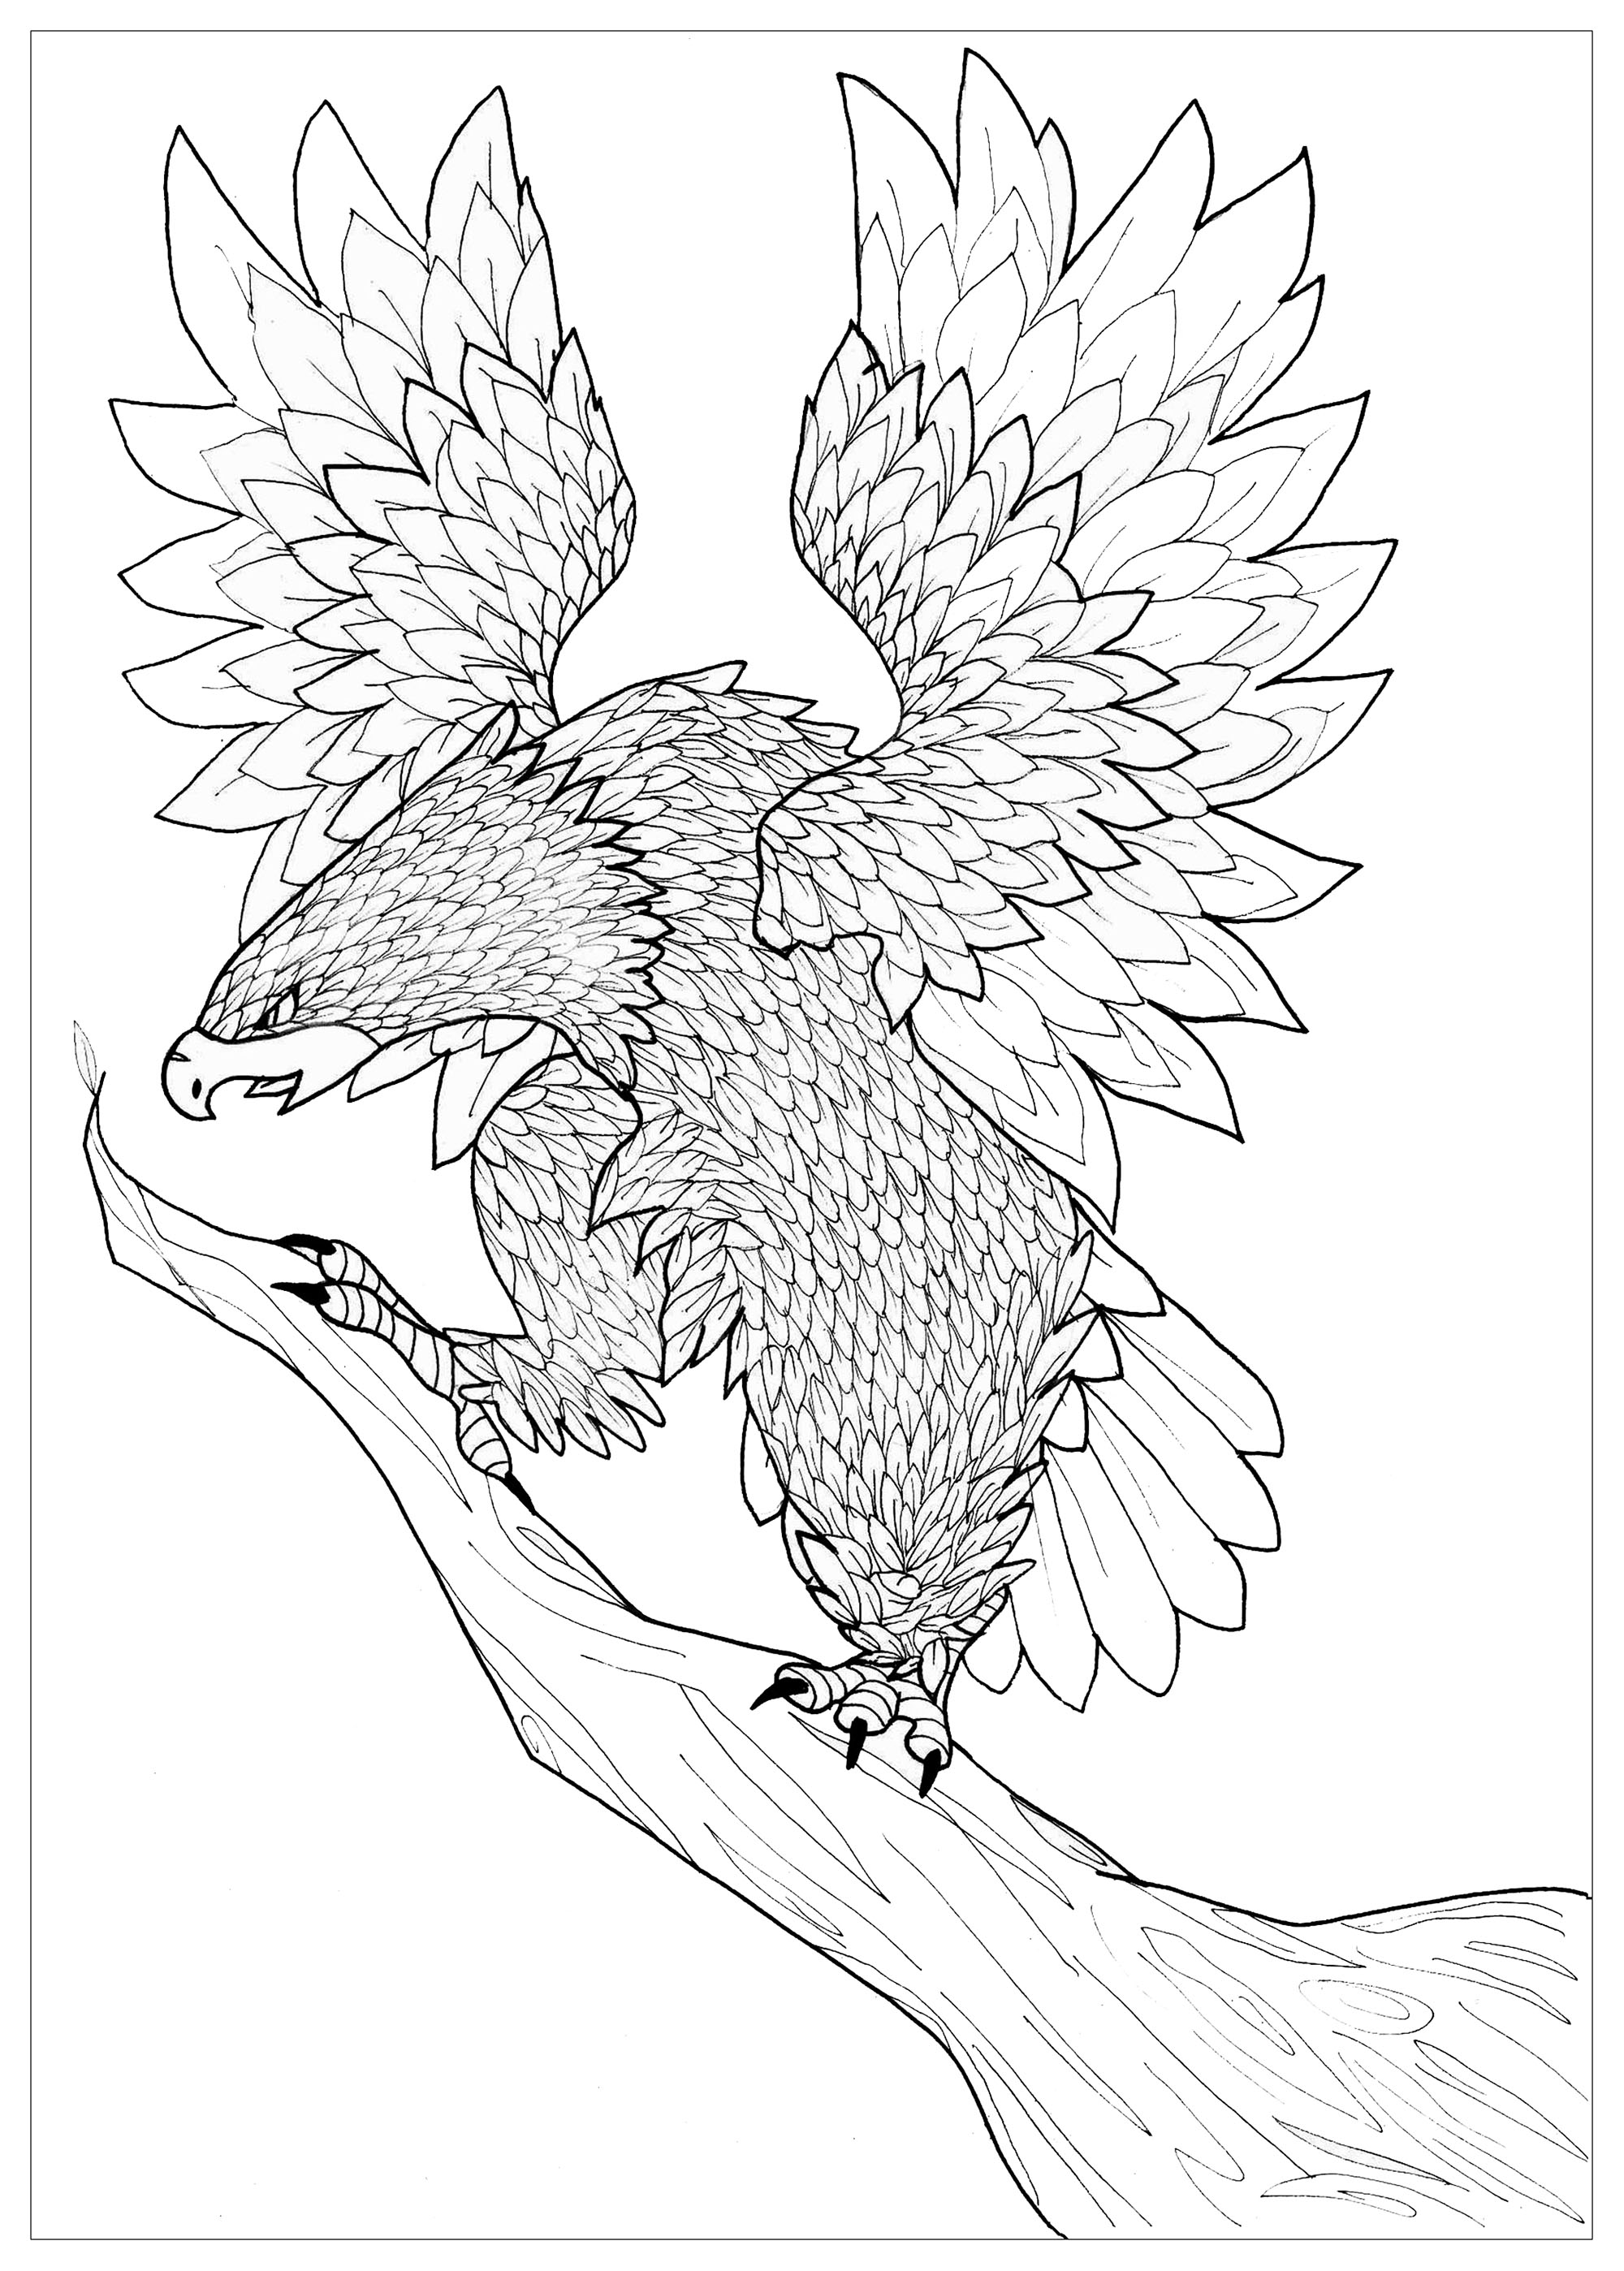 Aigle animaux coloriages difficiles pour adultes - Dessin de aigle ...